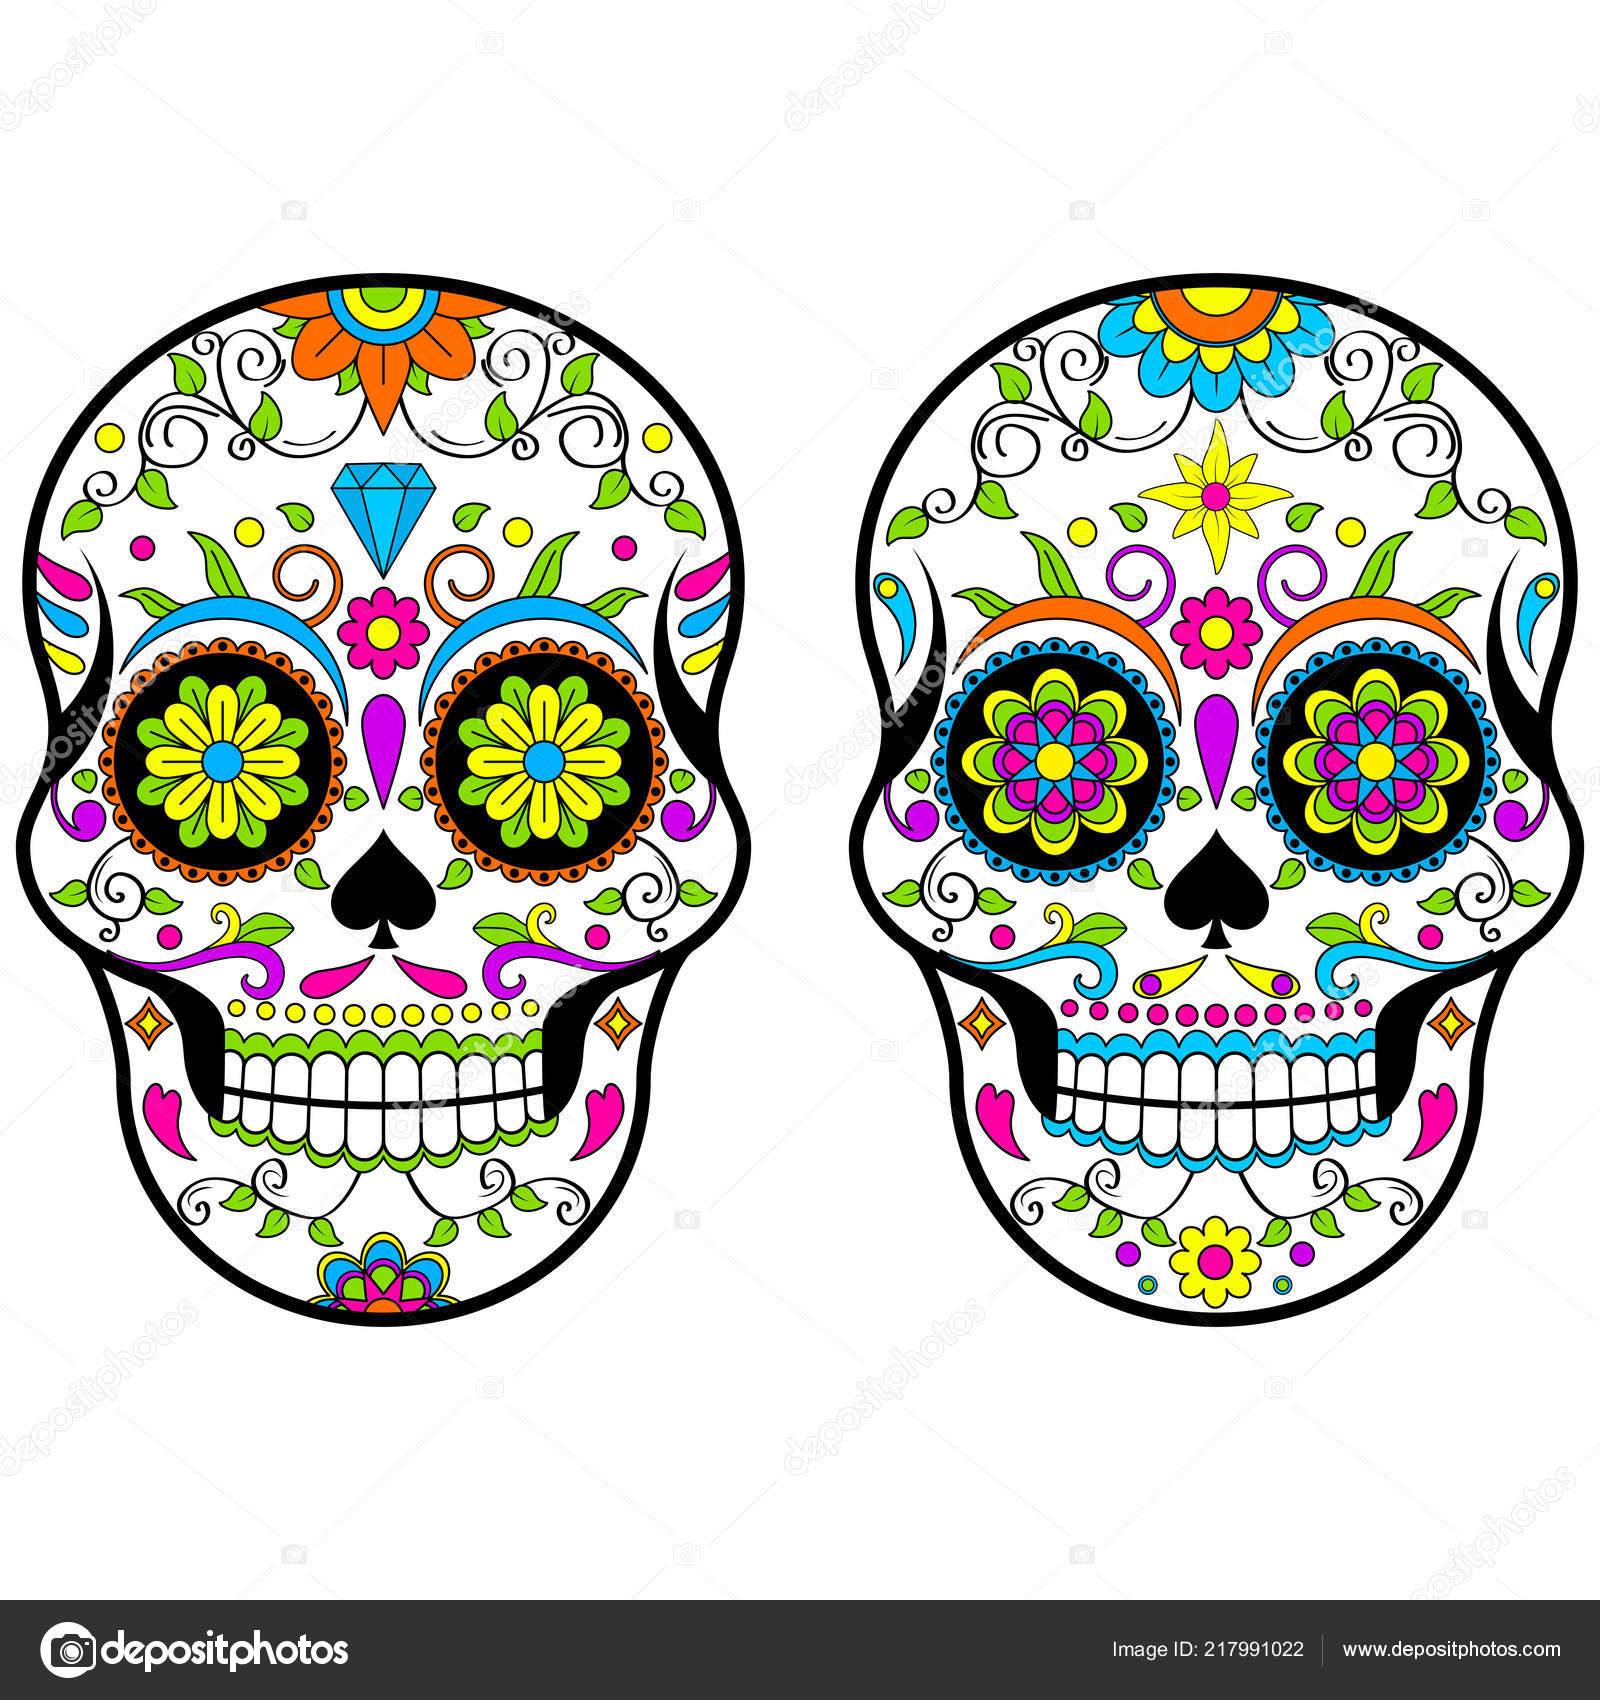 Get Sugar Skull, Flower Skulls, Halloween Clipart, Day Of The Dead Design